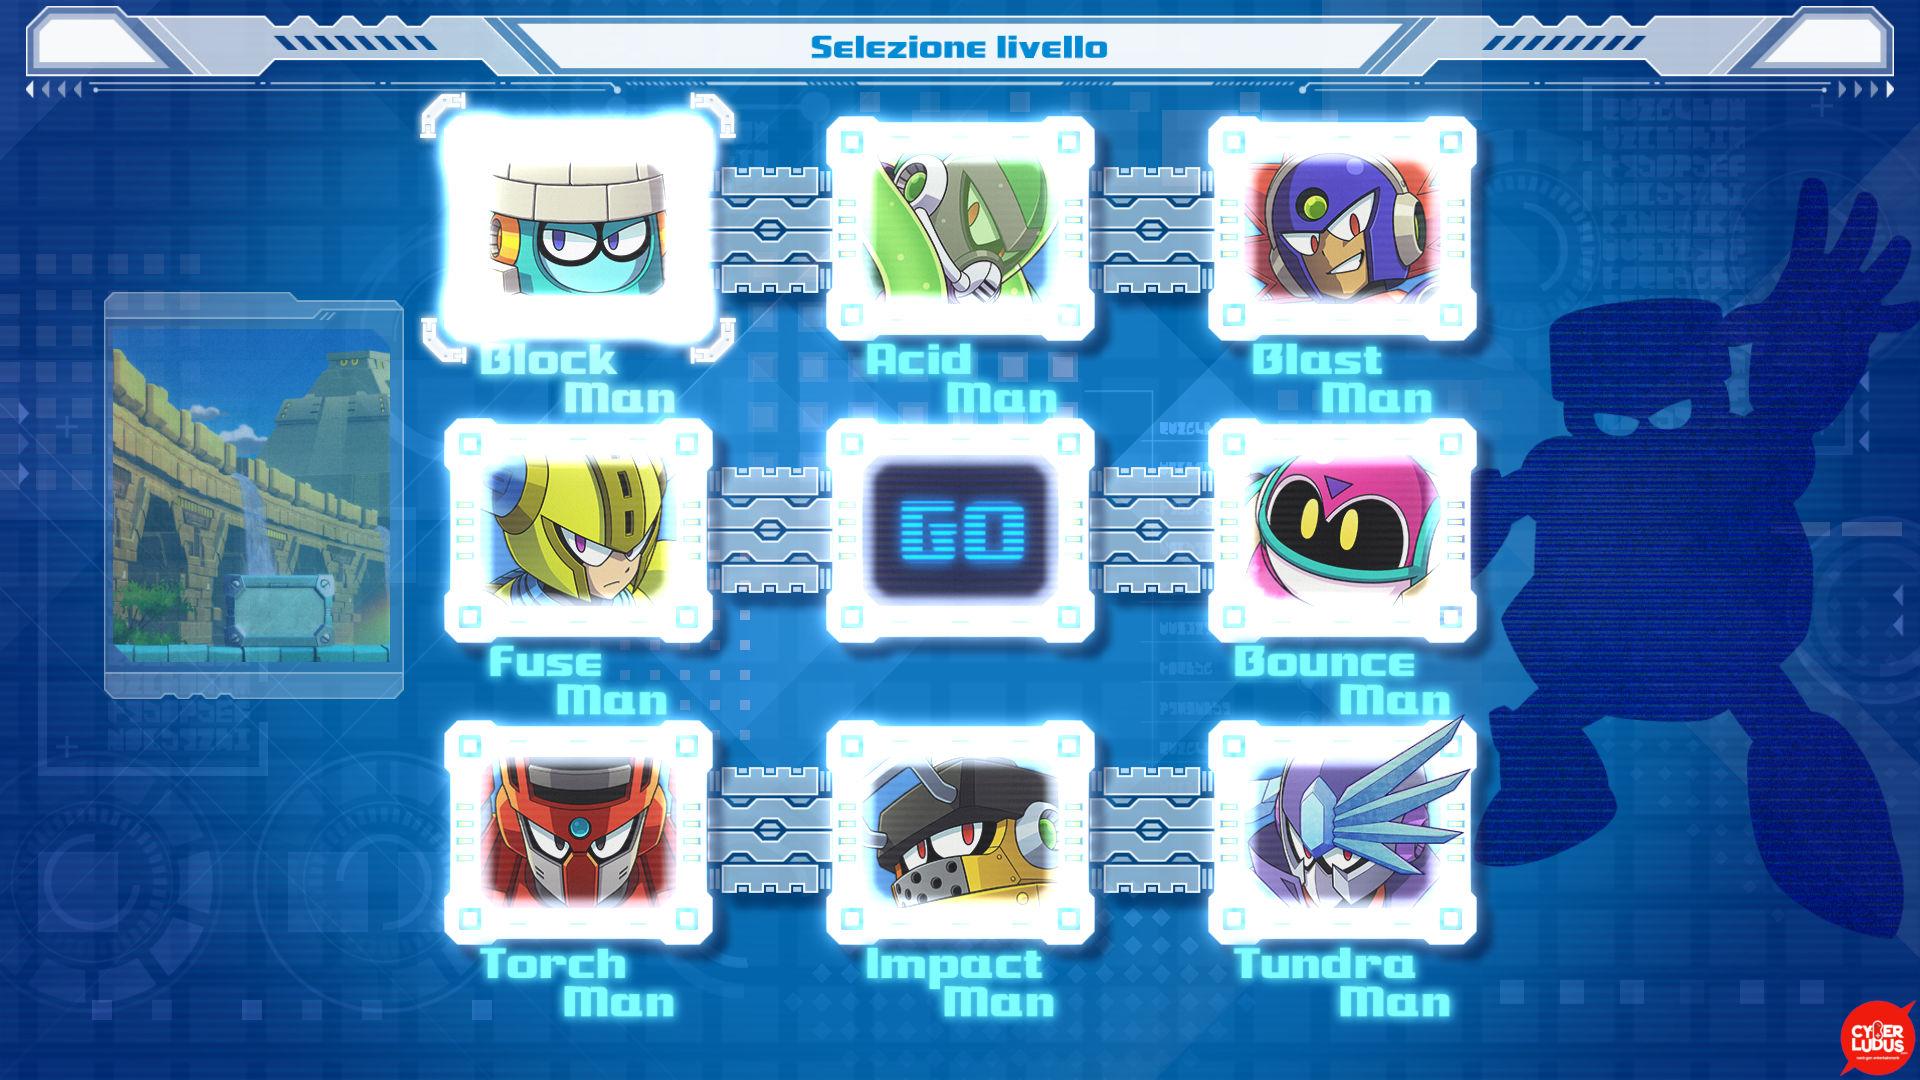 megaman 11 selezione livello